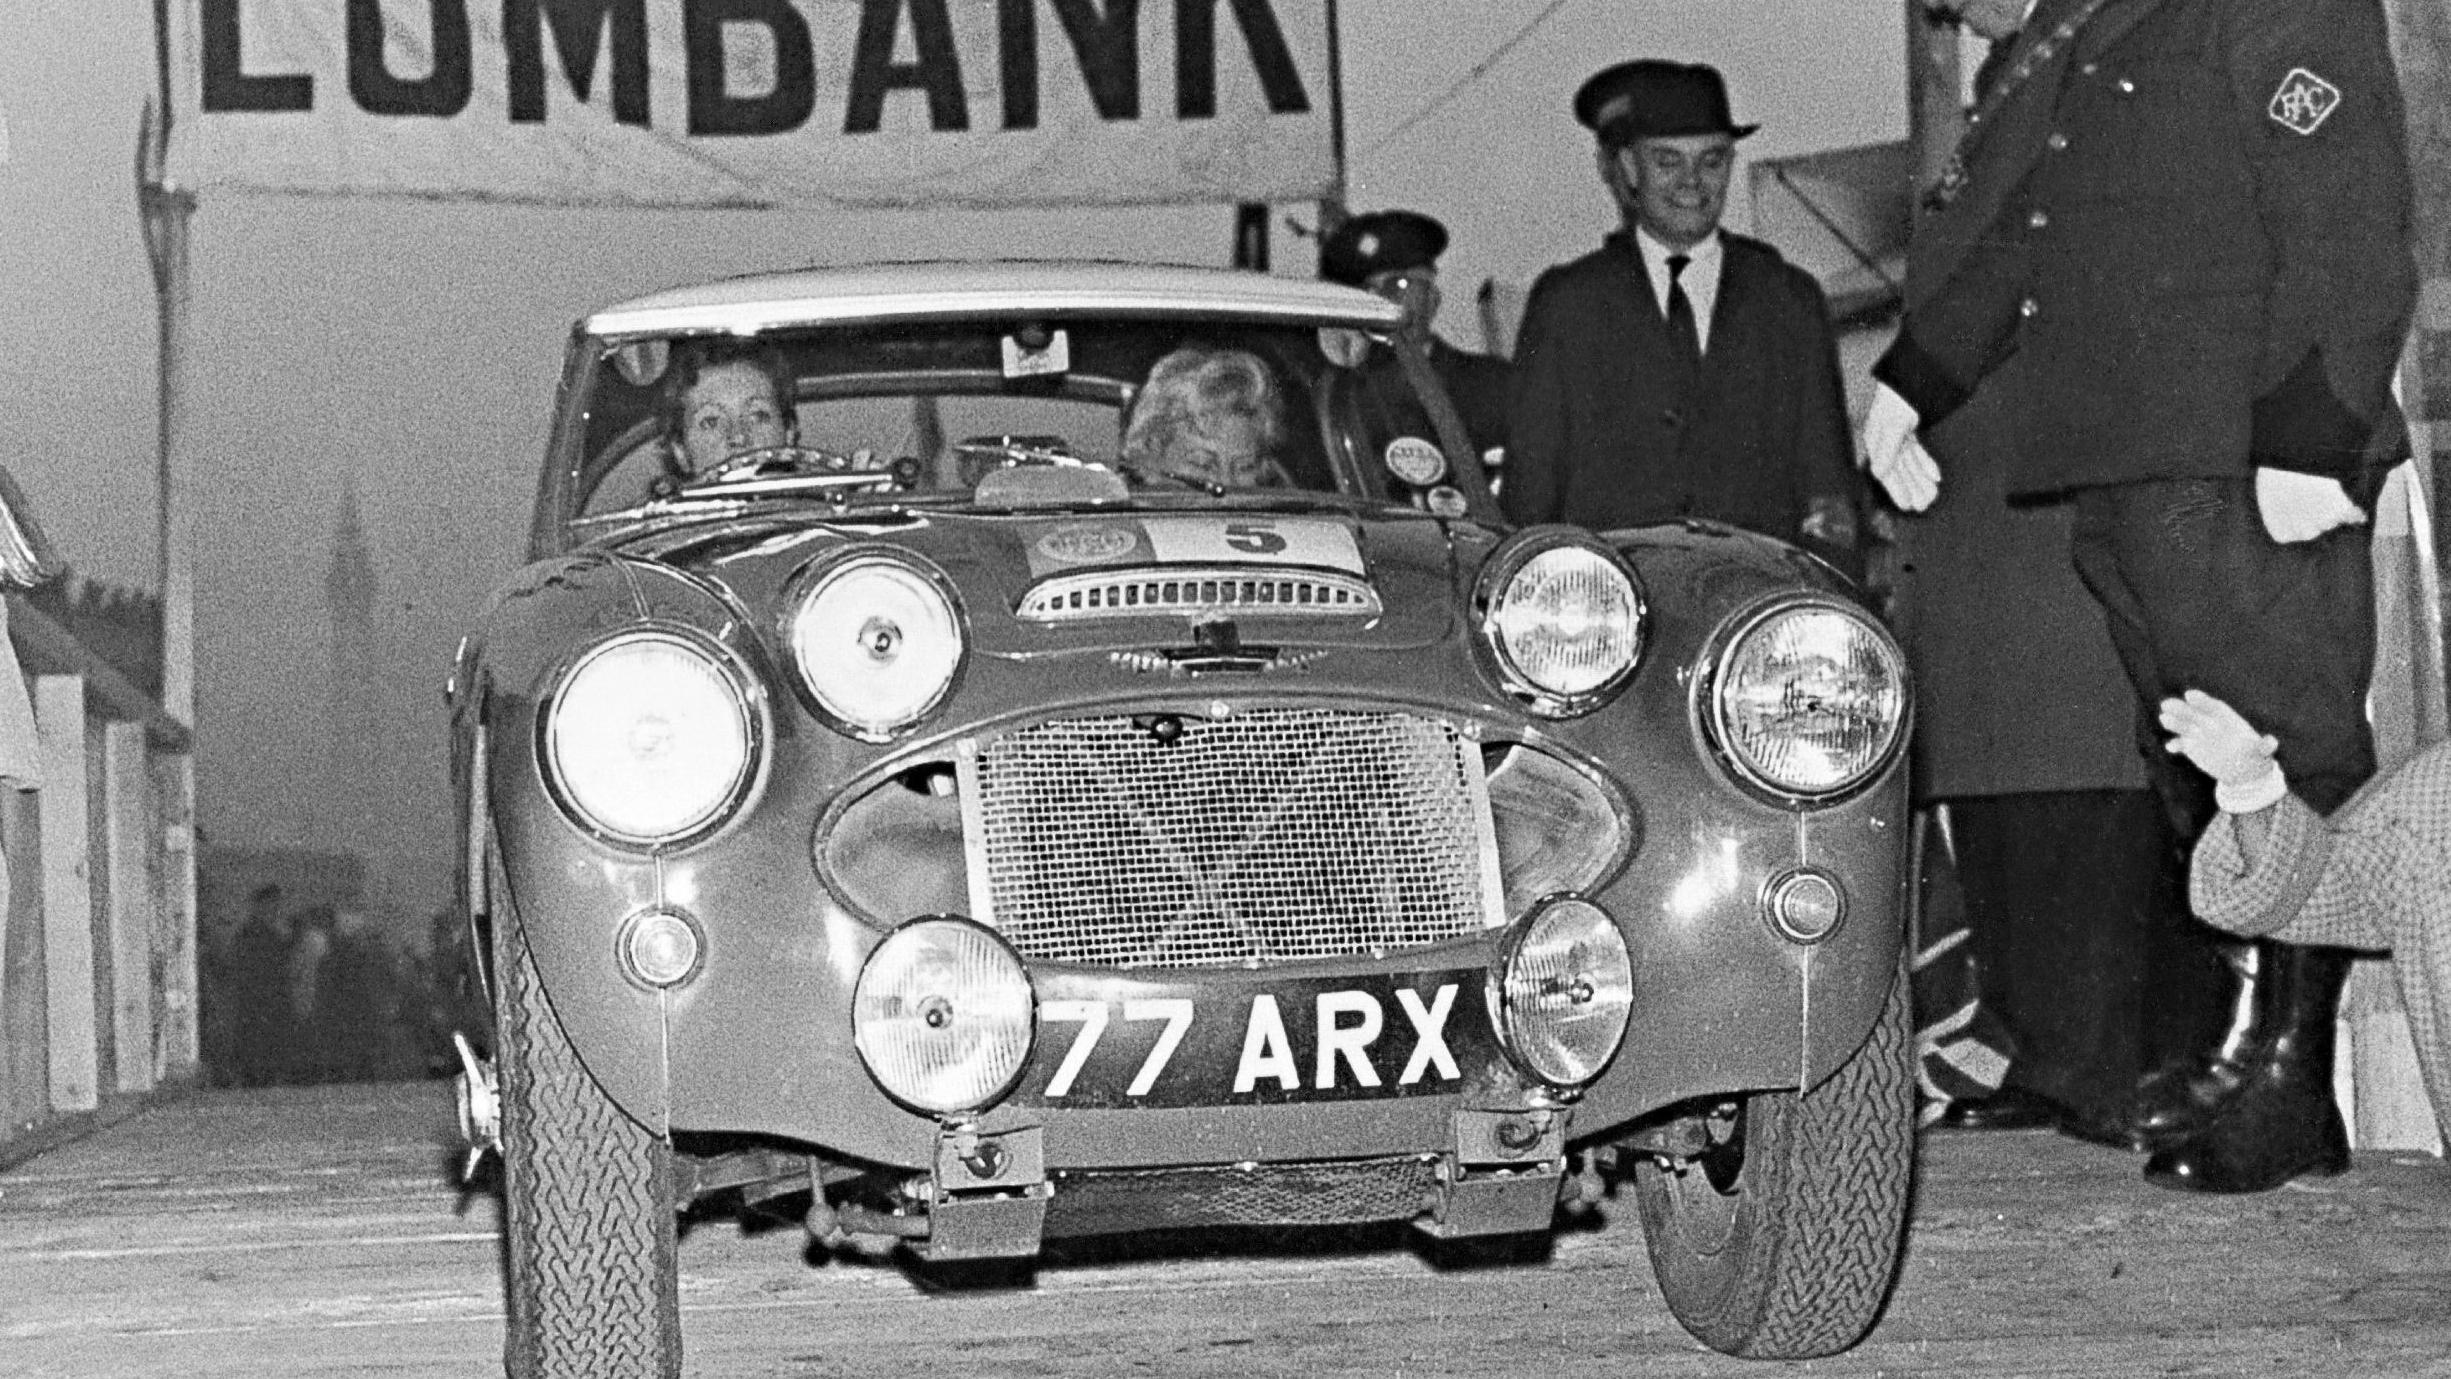 Great women in motorsport: your nominations | Top Gear